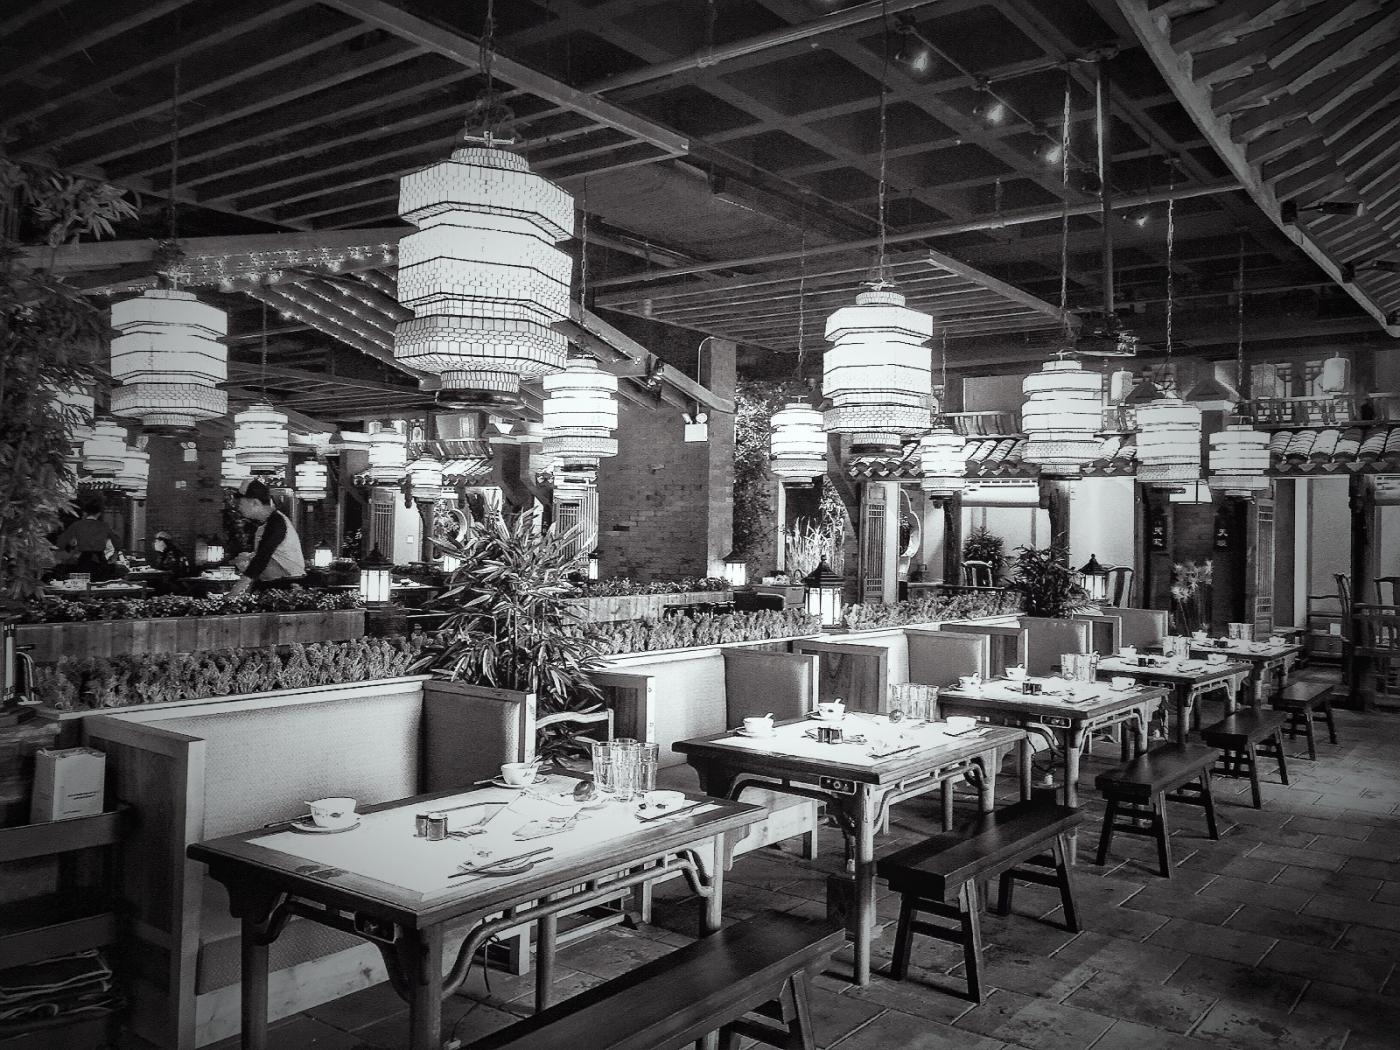 【盲流摄影】纽约法拉盛的中餐馆品味在提升-手机摄影_图1-41